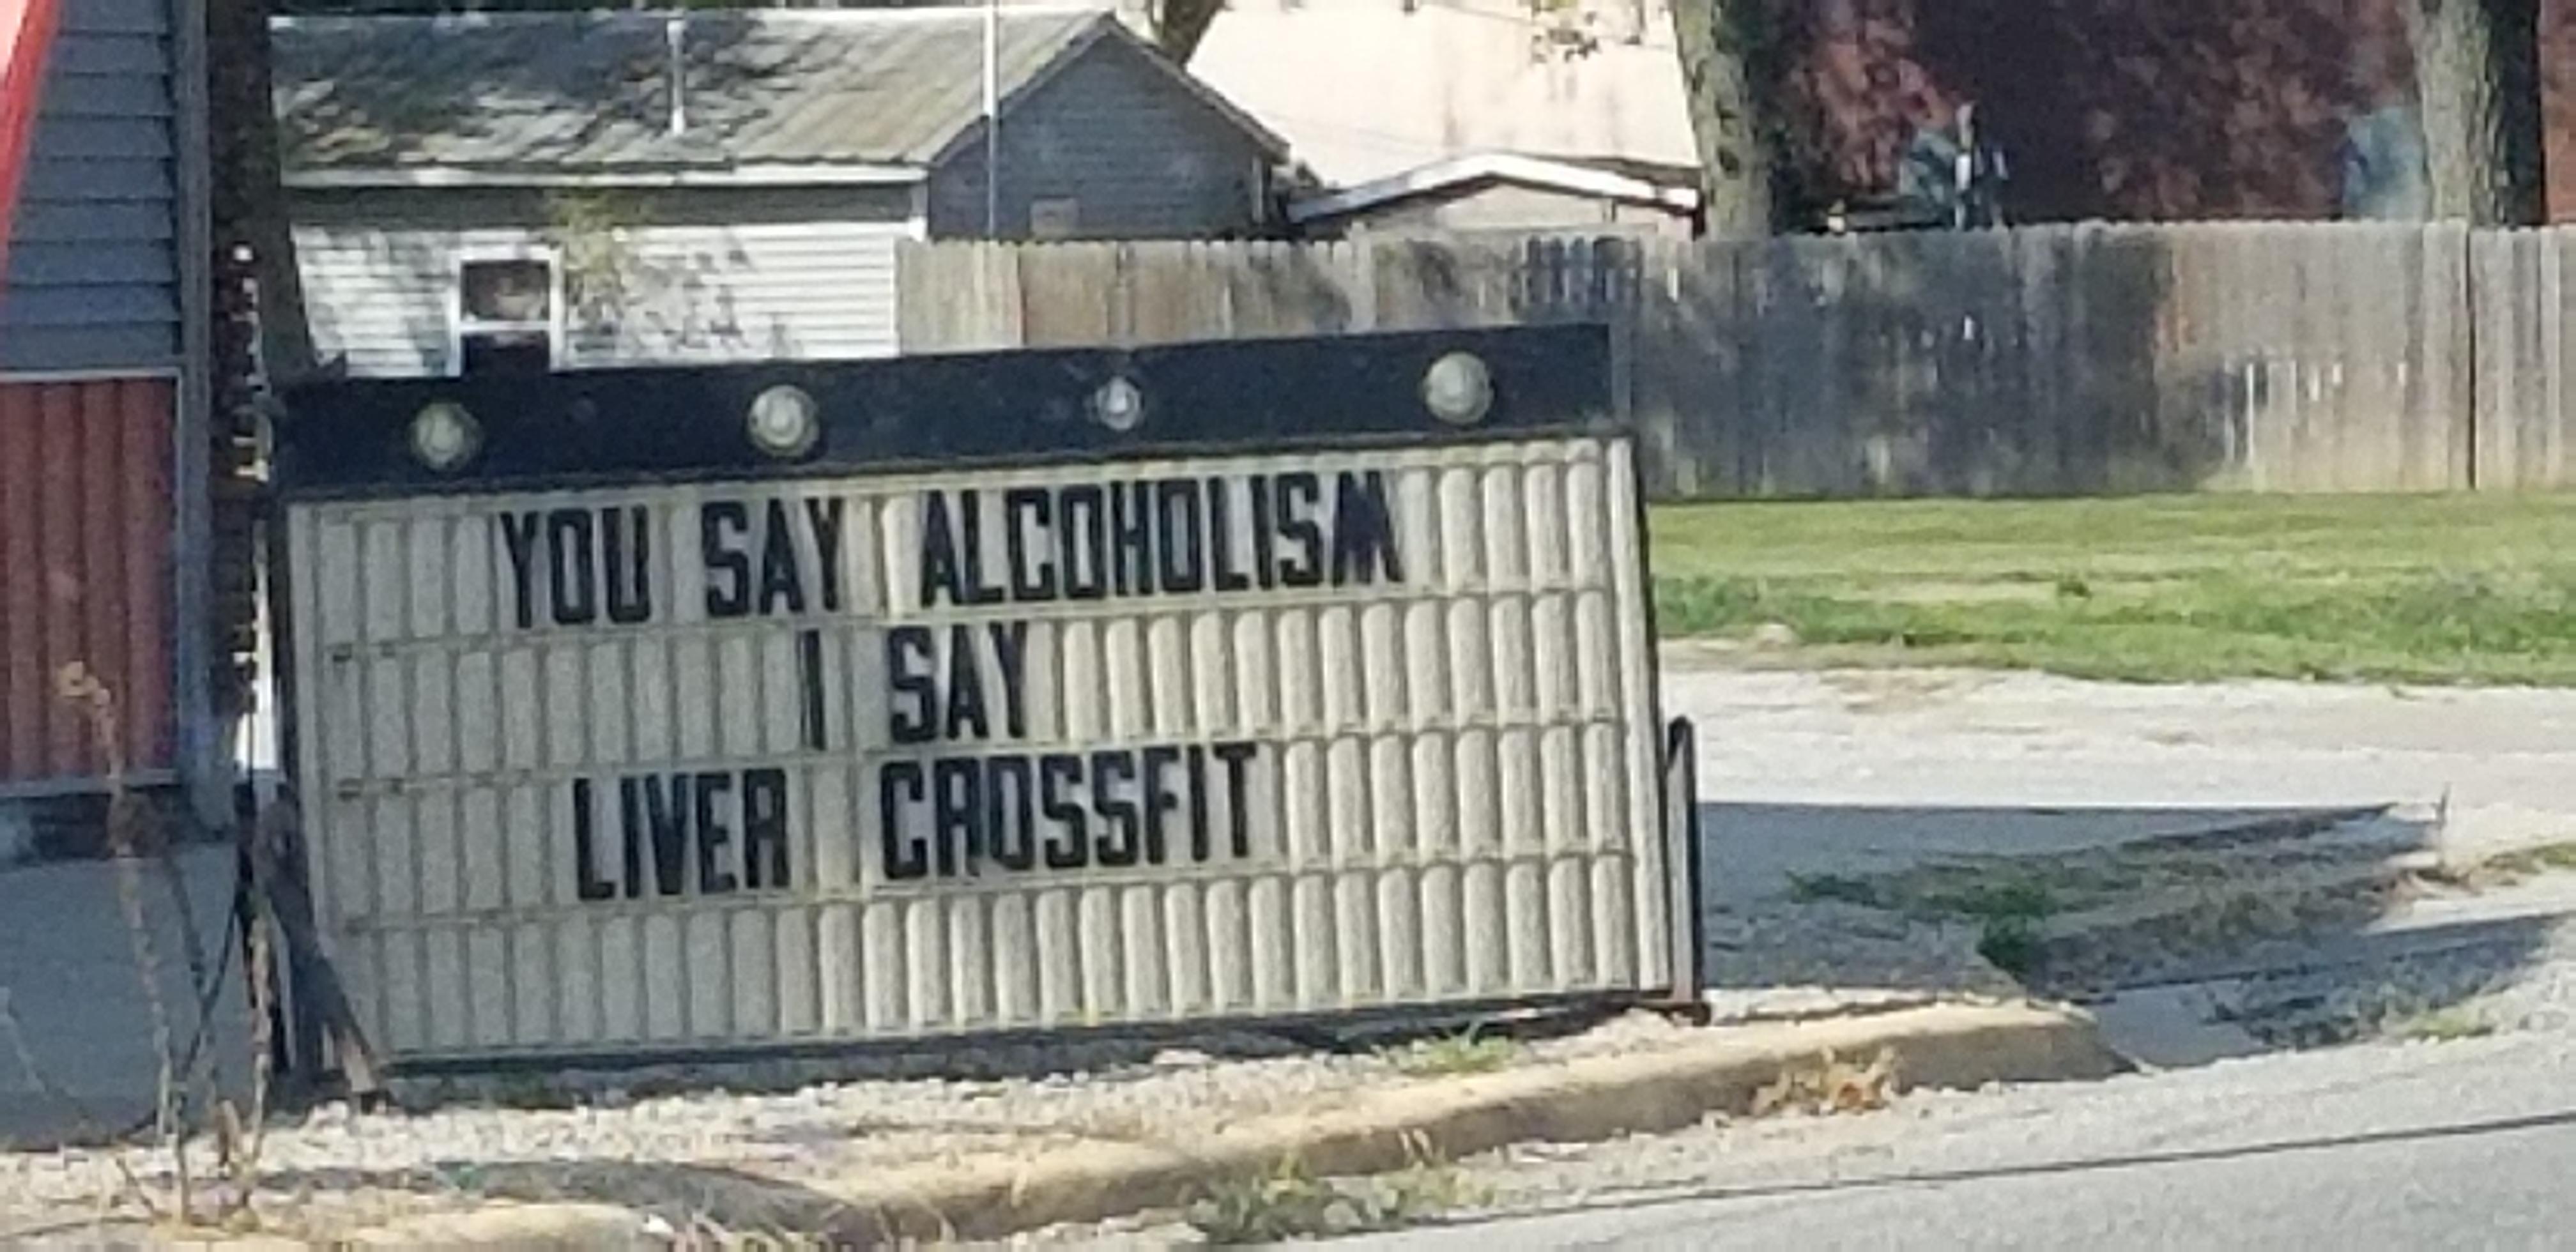 Liver Crossfit